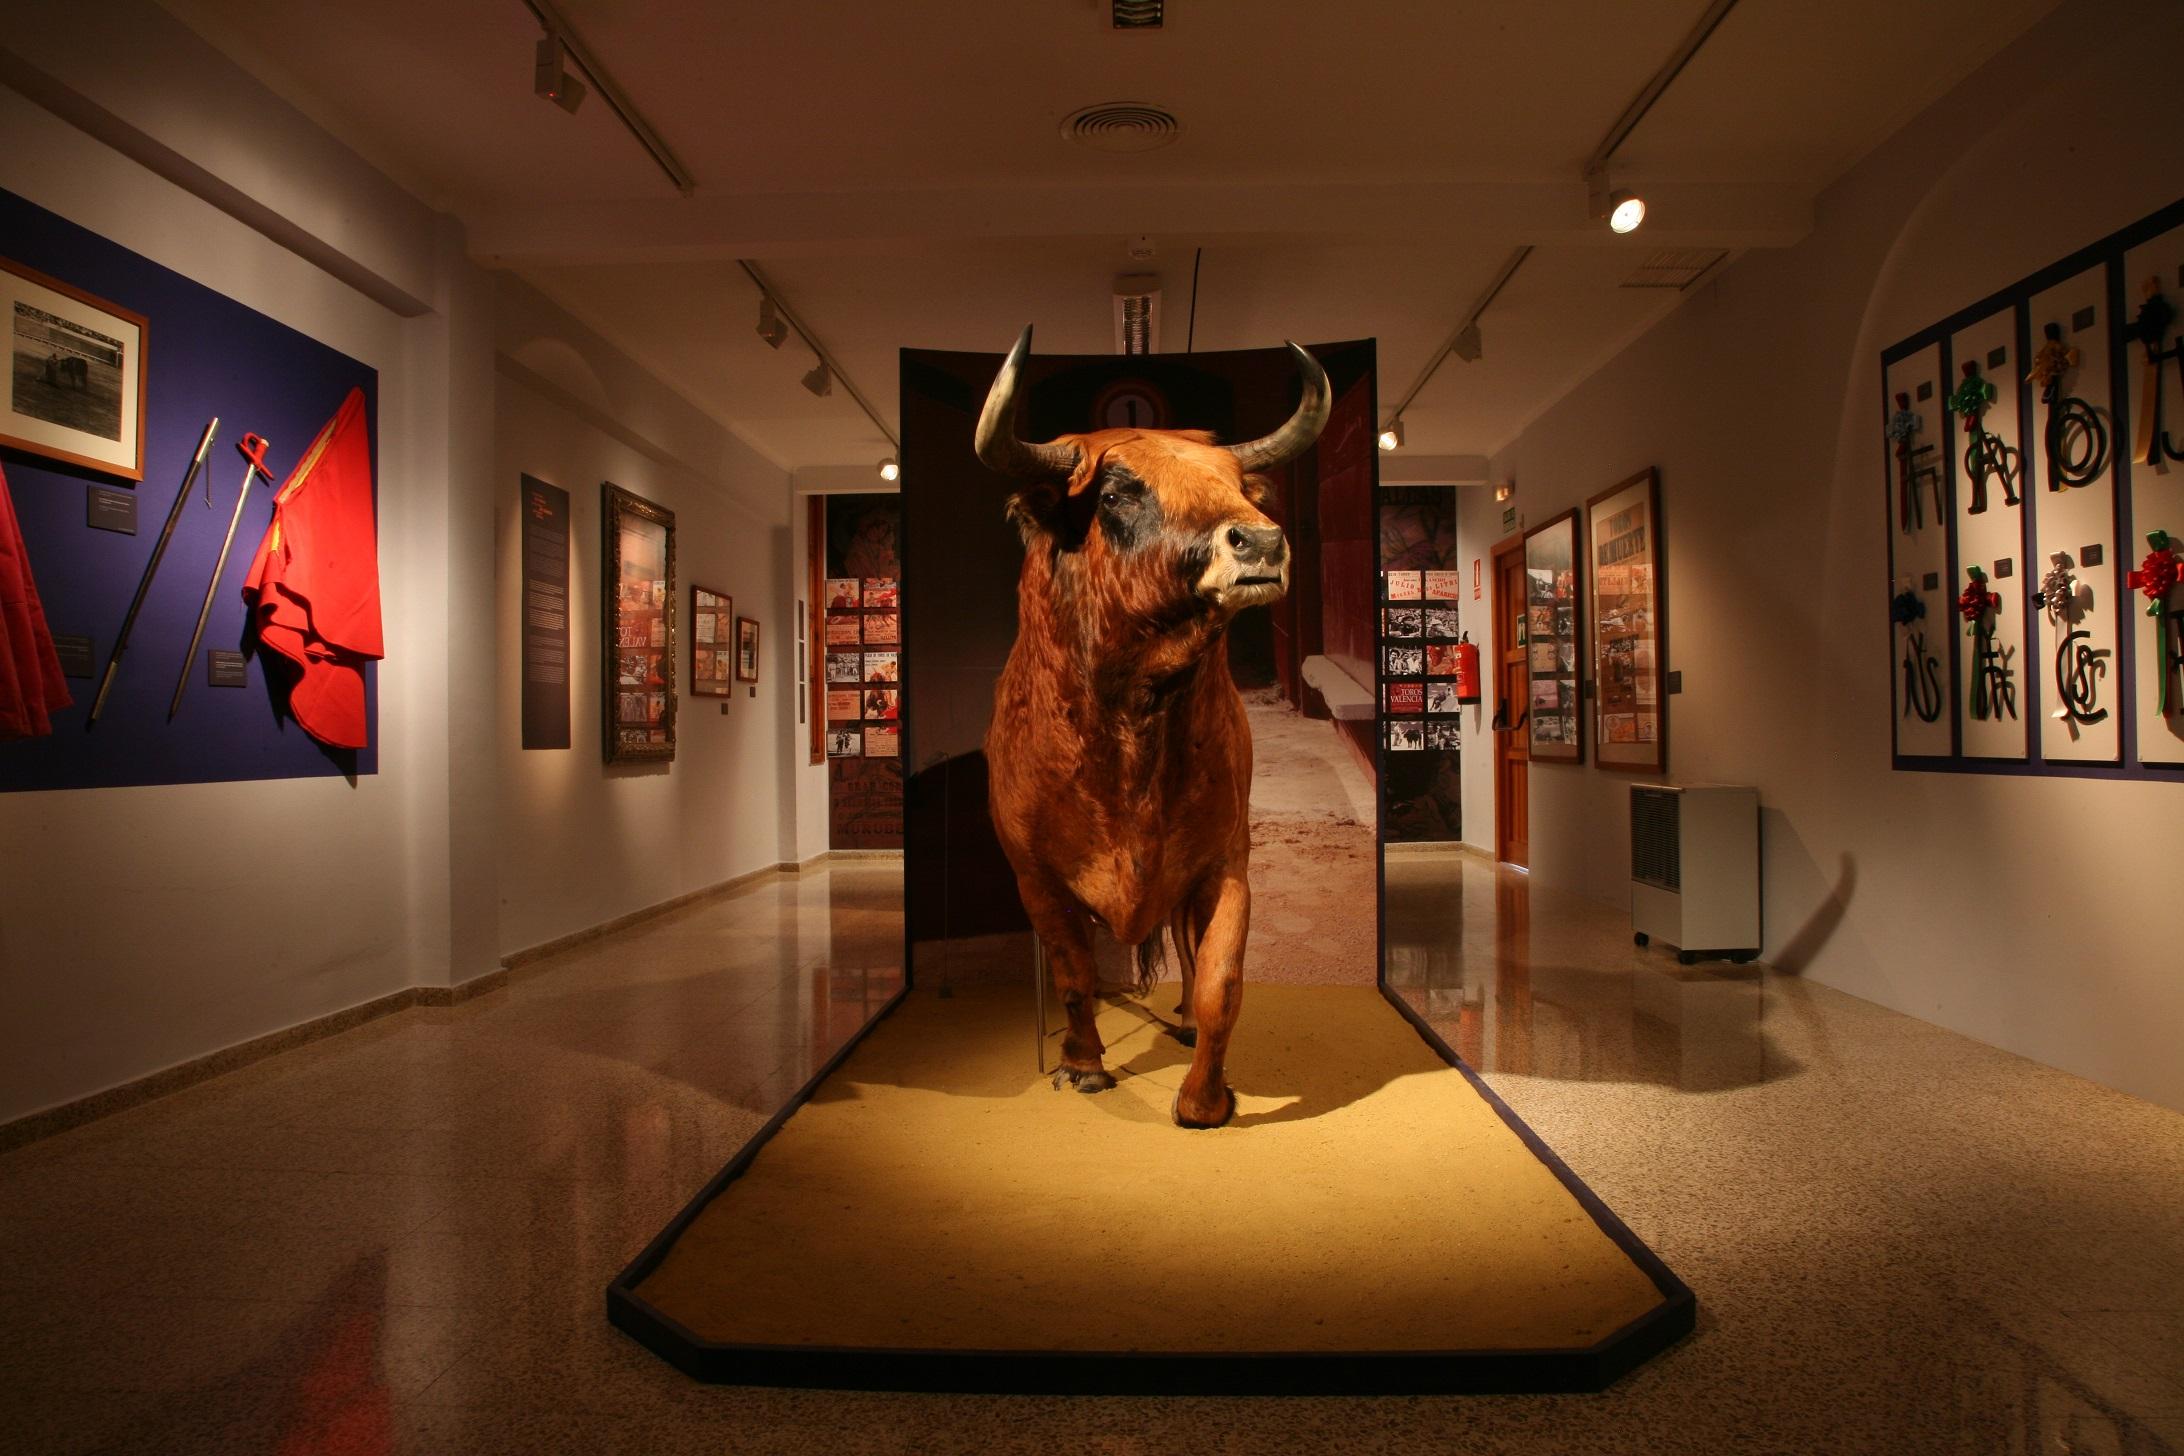 Fuente: museotaurinovalencia.es